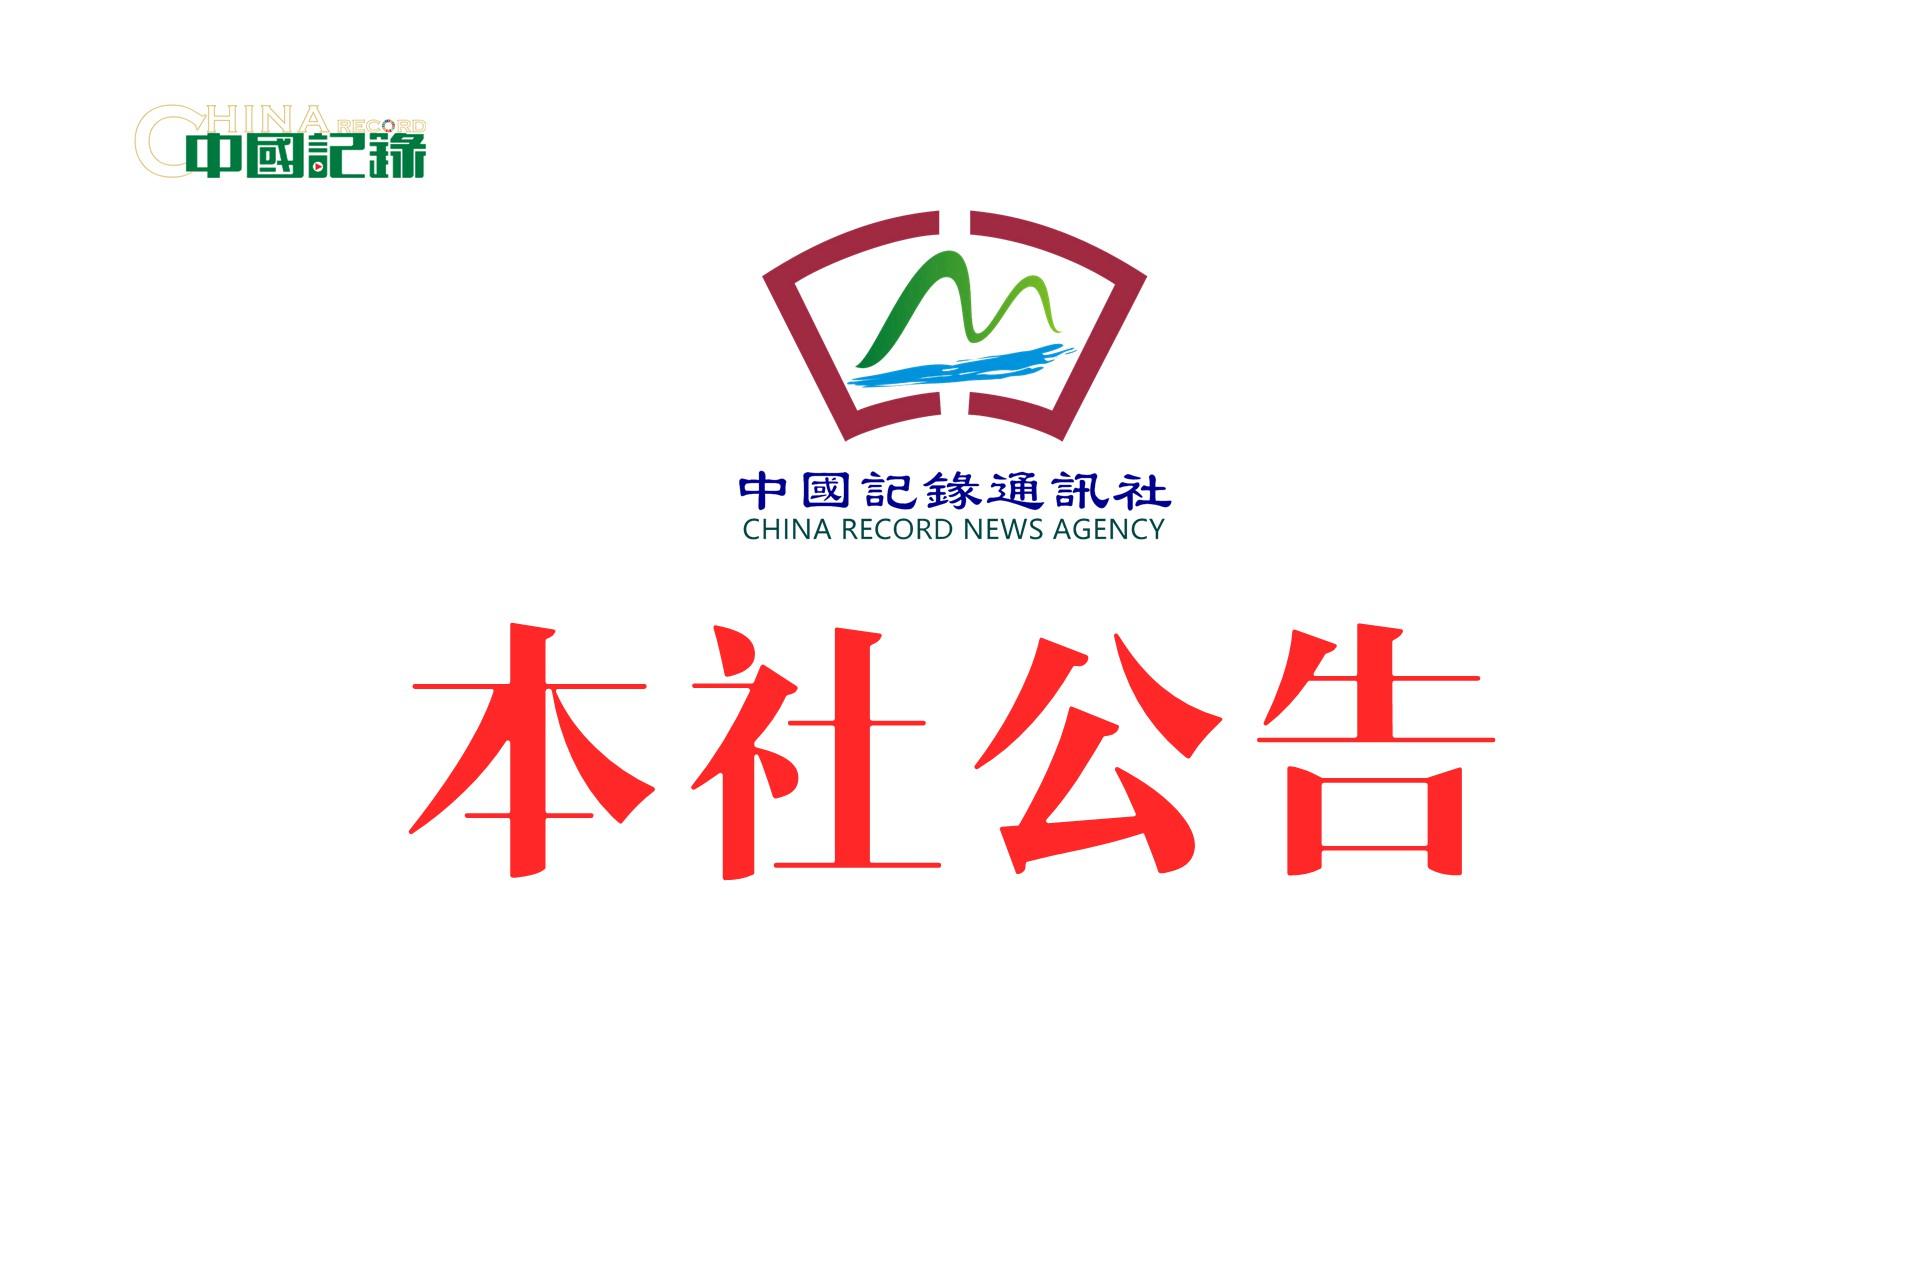 中国记录通讯社:香港管治权必须掌握在爱国者手中